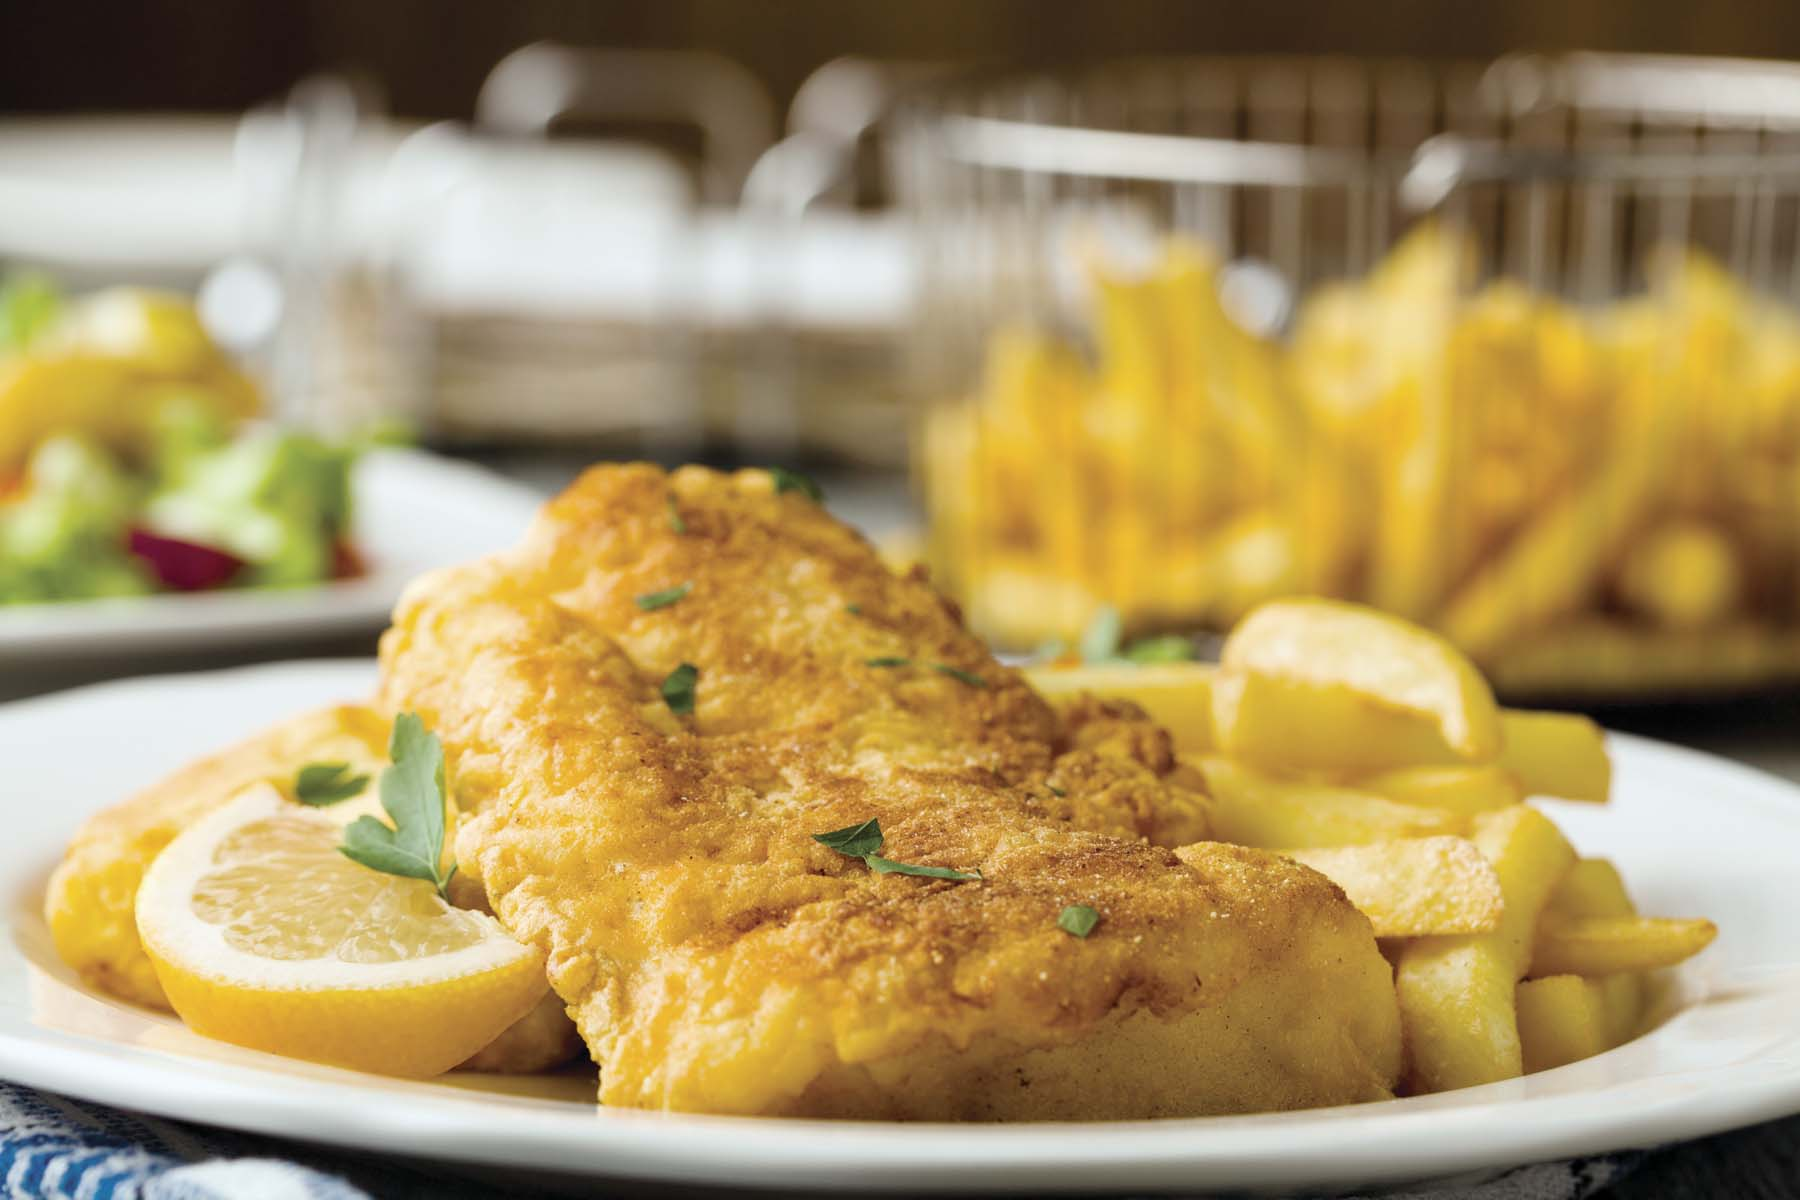 Archivos de comida: fish and chips